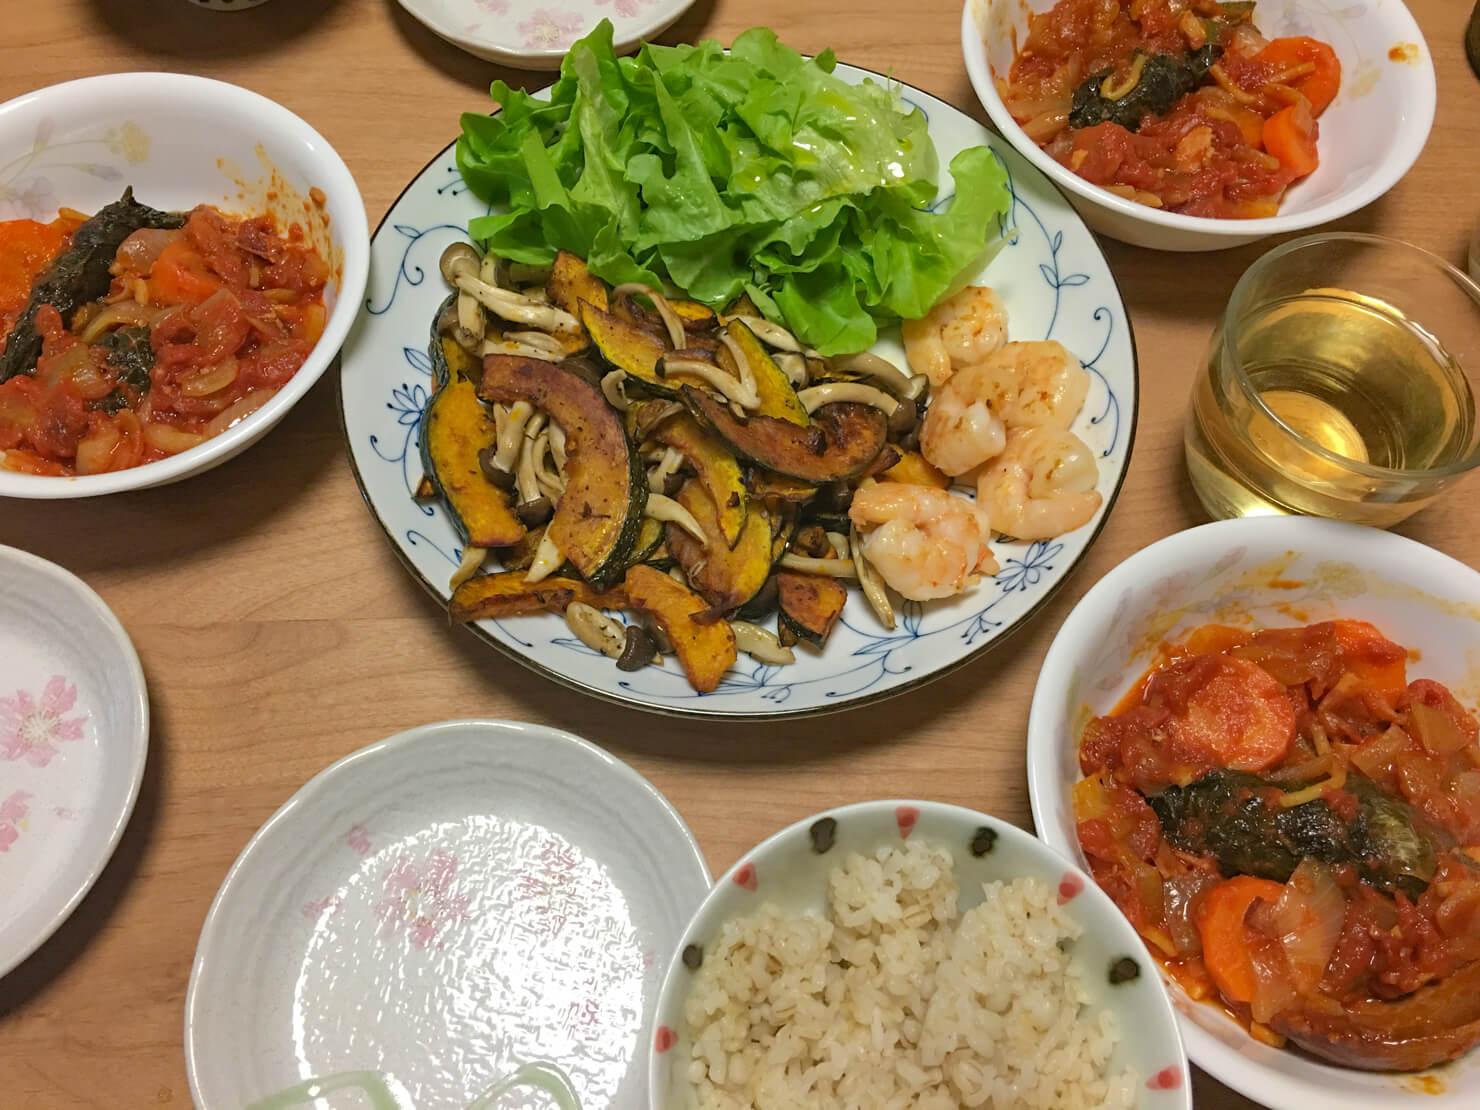 カーボロネロと豚バラのロールキャベツ中心の晩ご飯の写真